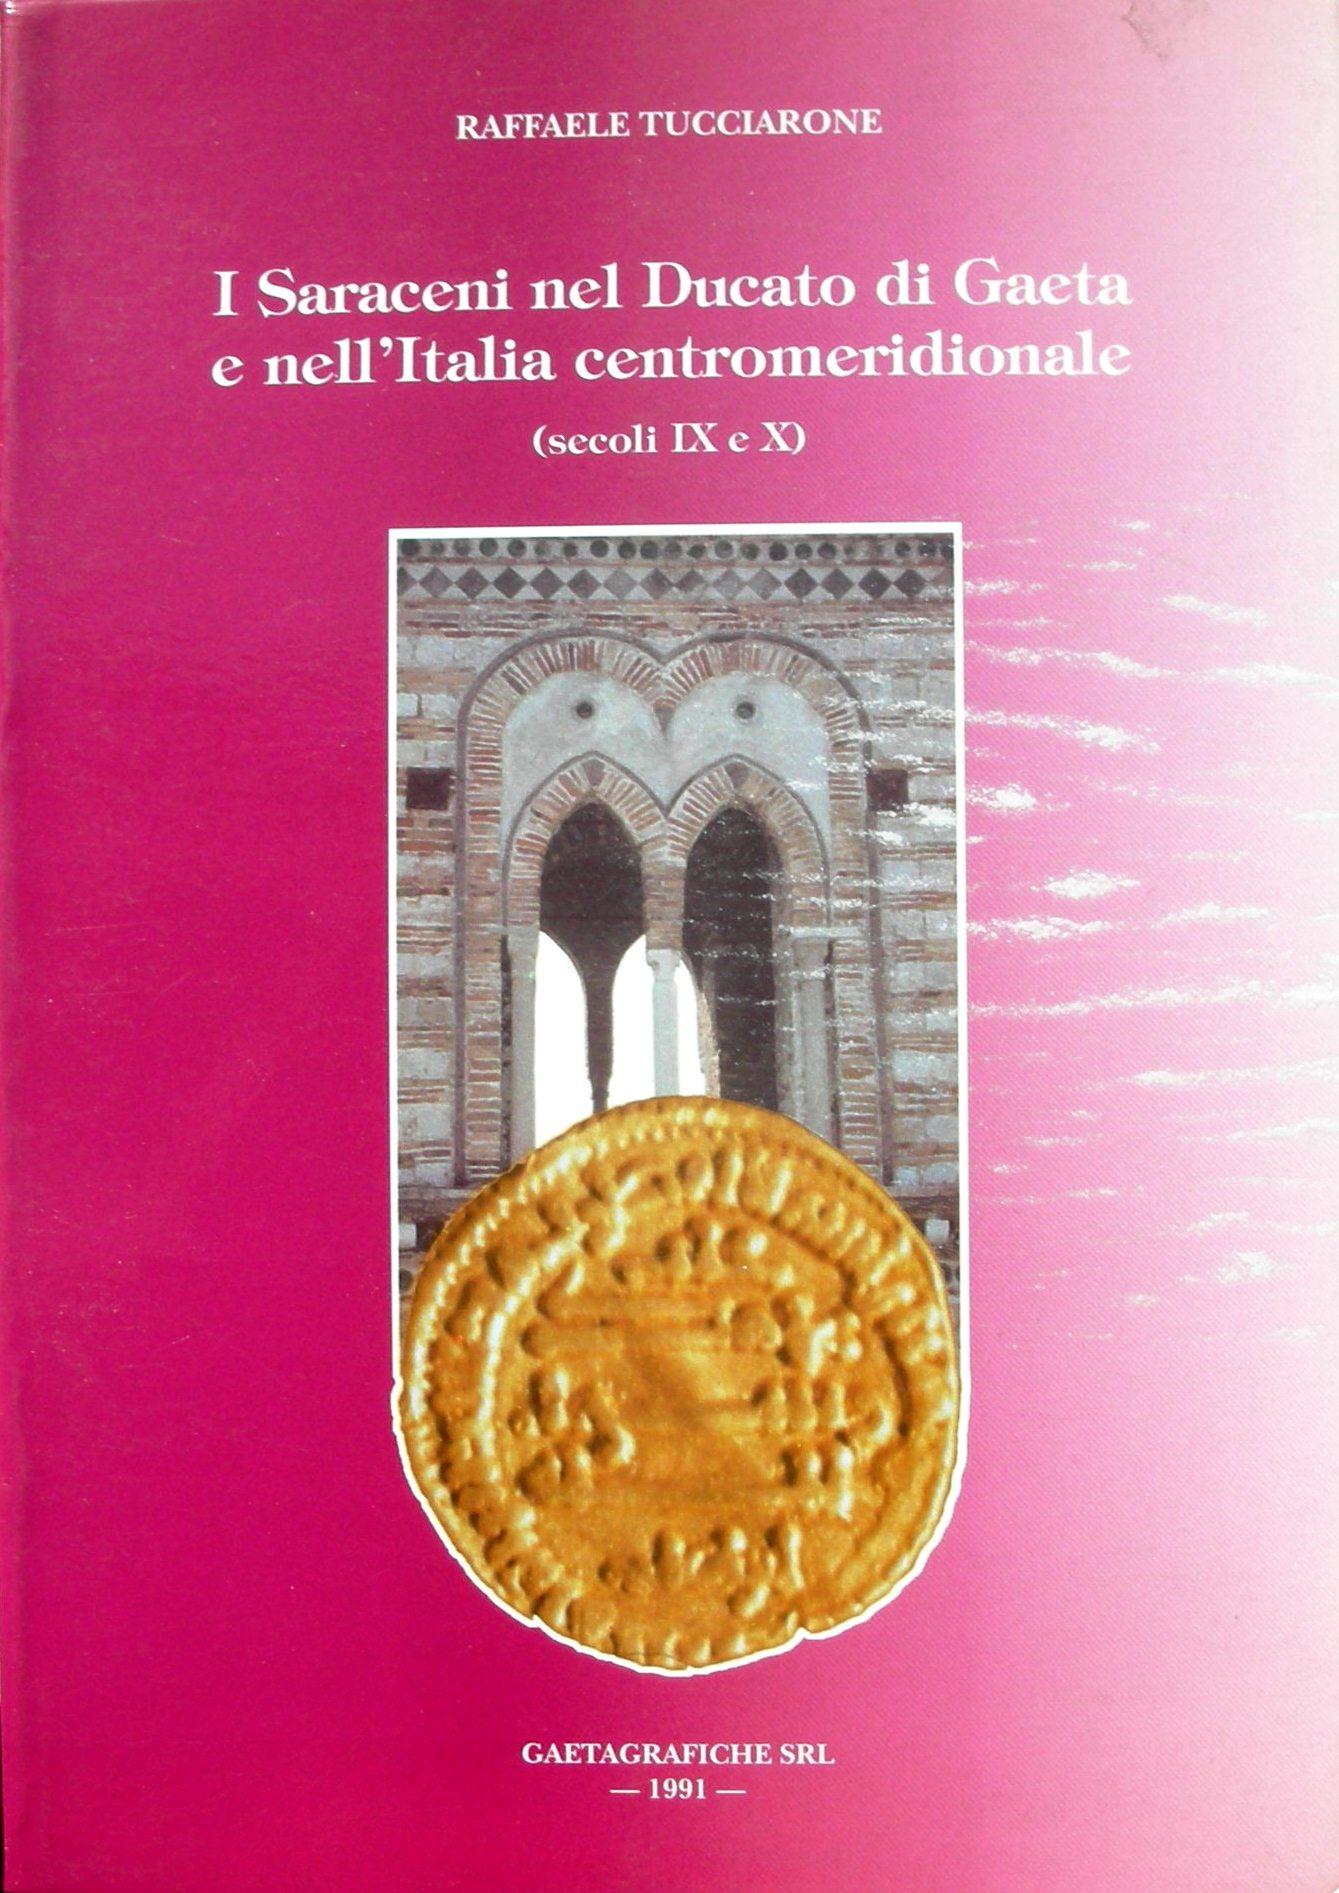 I Saraceni nel Ducato di Gaeta e nell'Italia centromeridionale